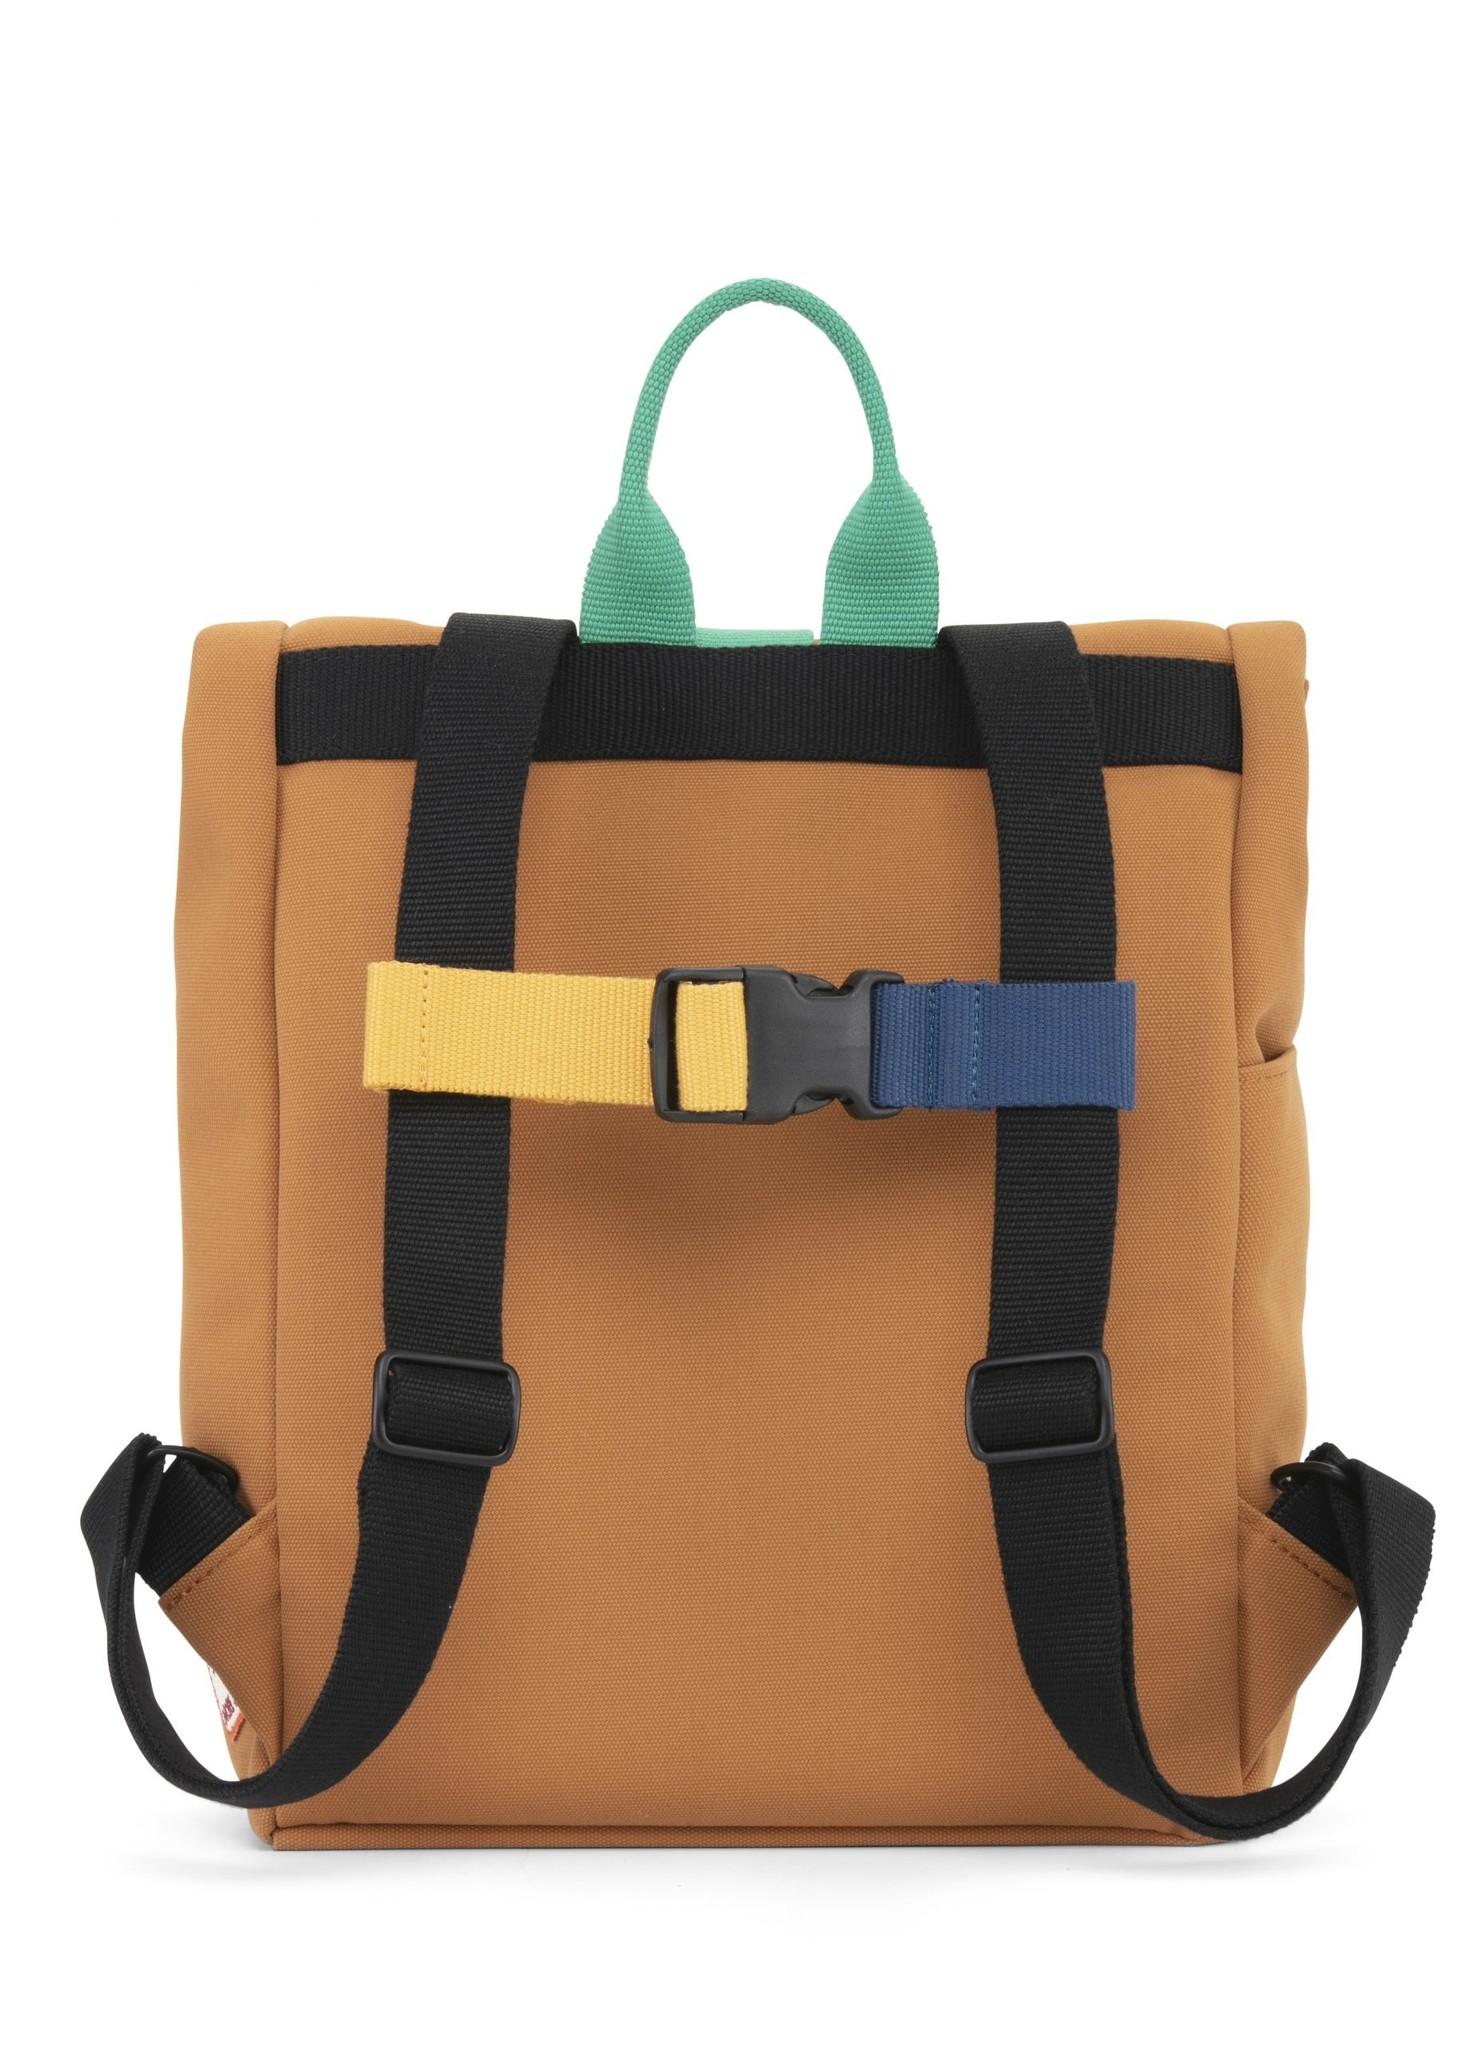 Mini Bag - Sunset Cognac / Forest Green-3